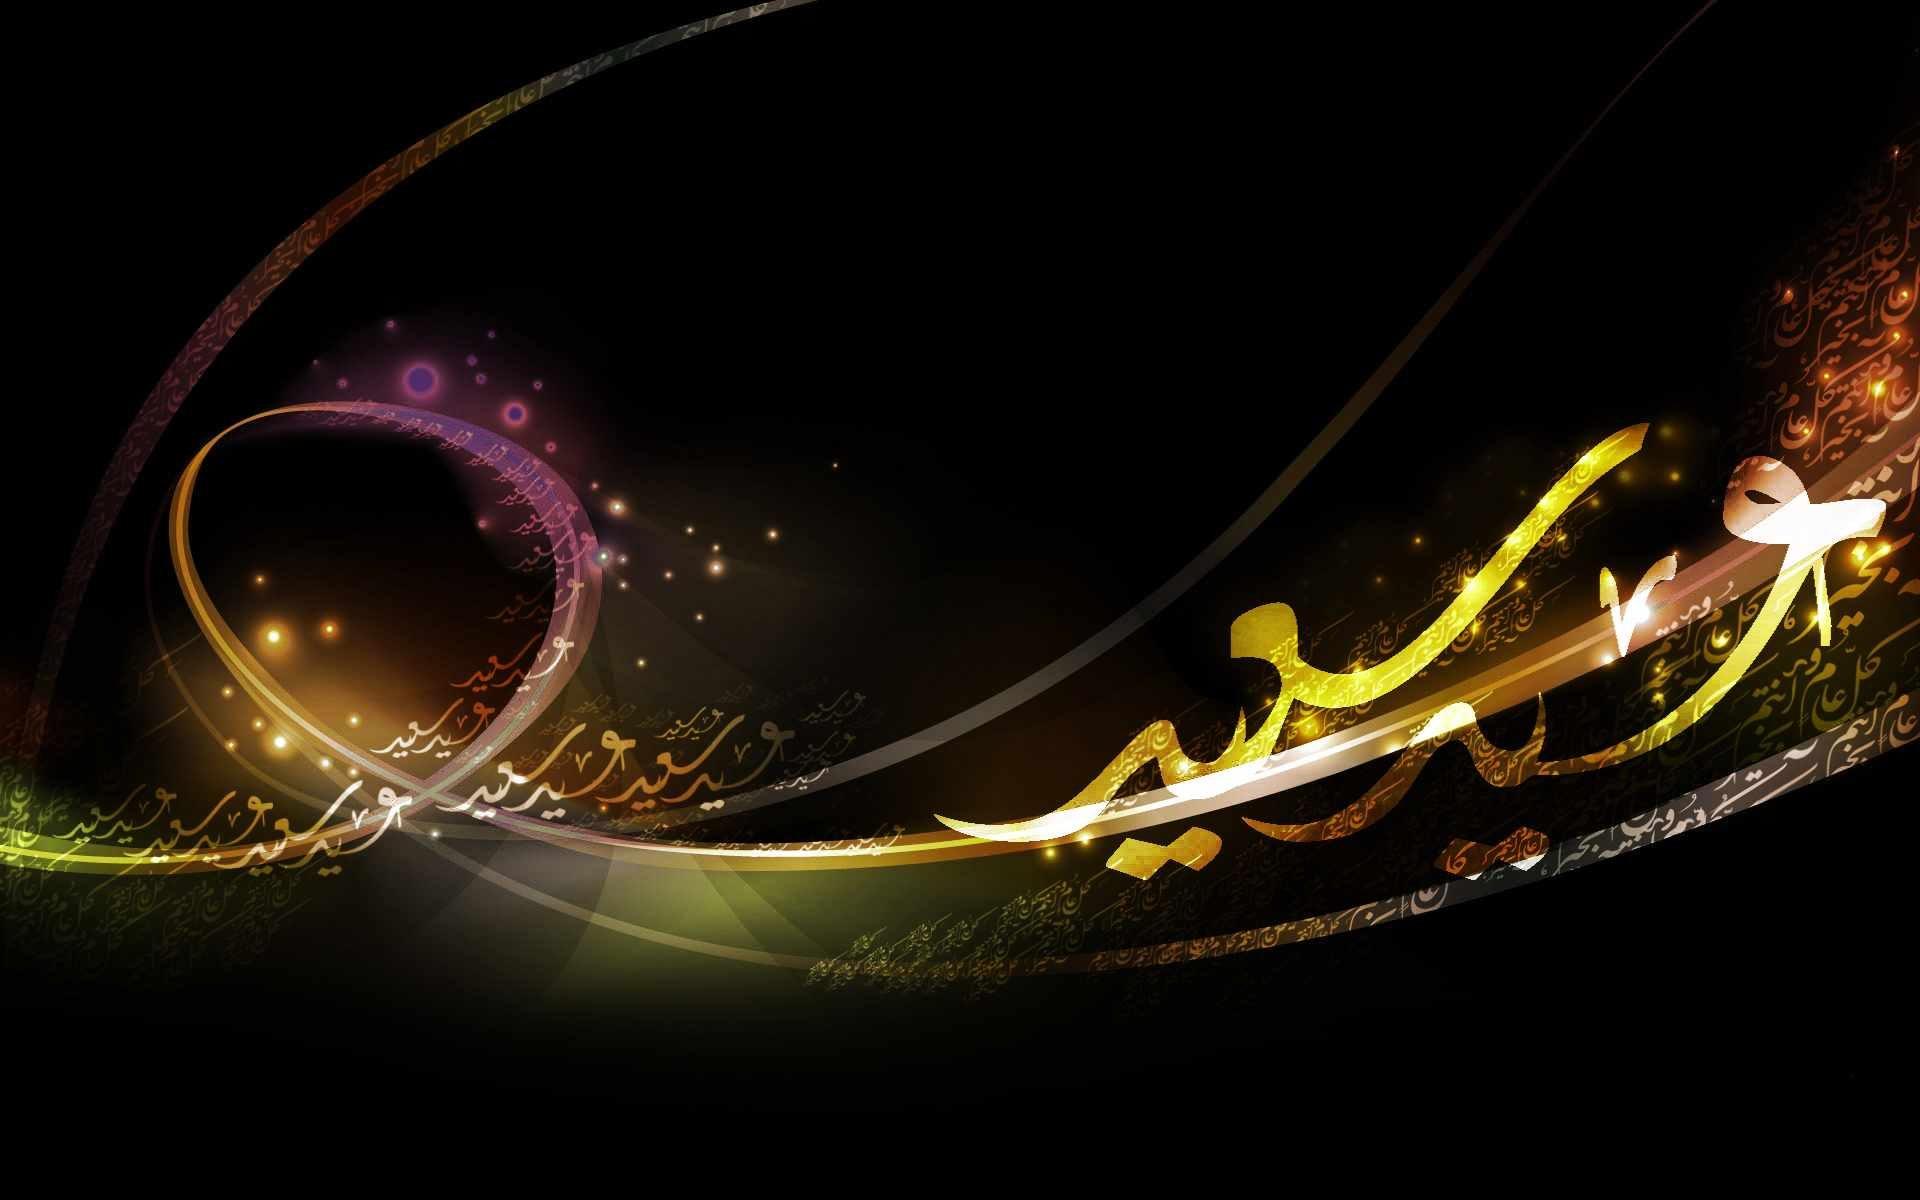 عکس نوشته برای تبریک عید فطر